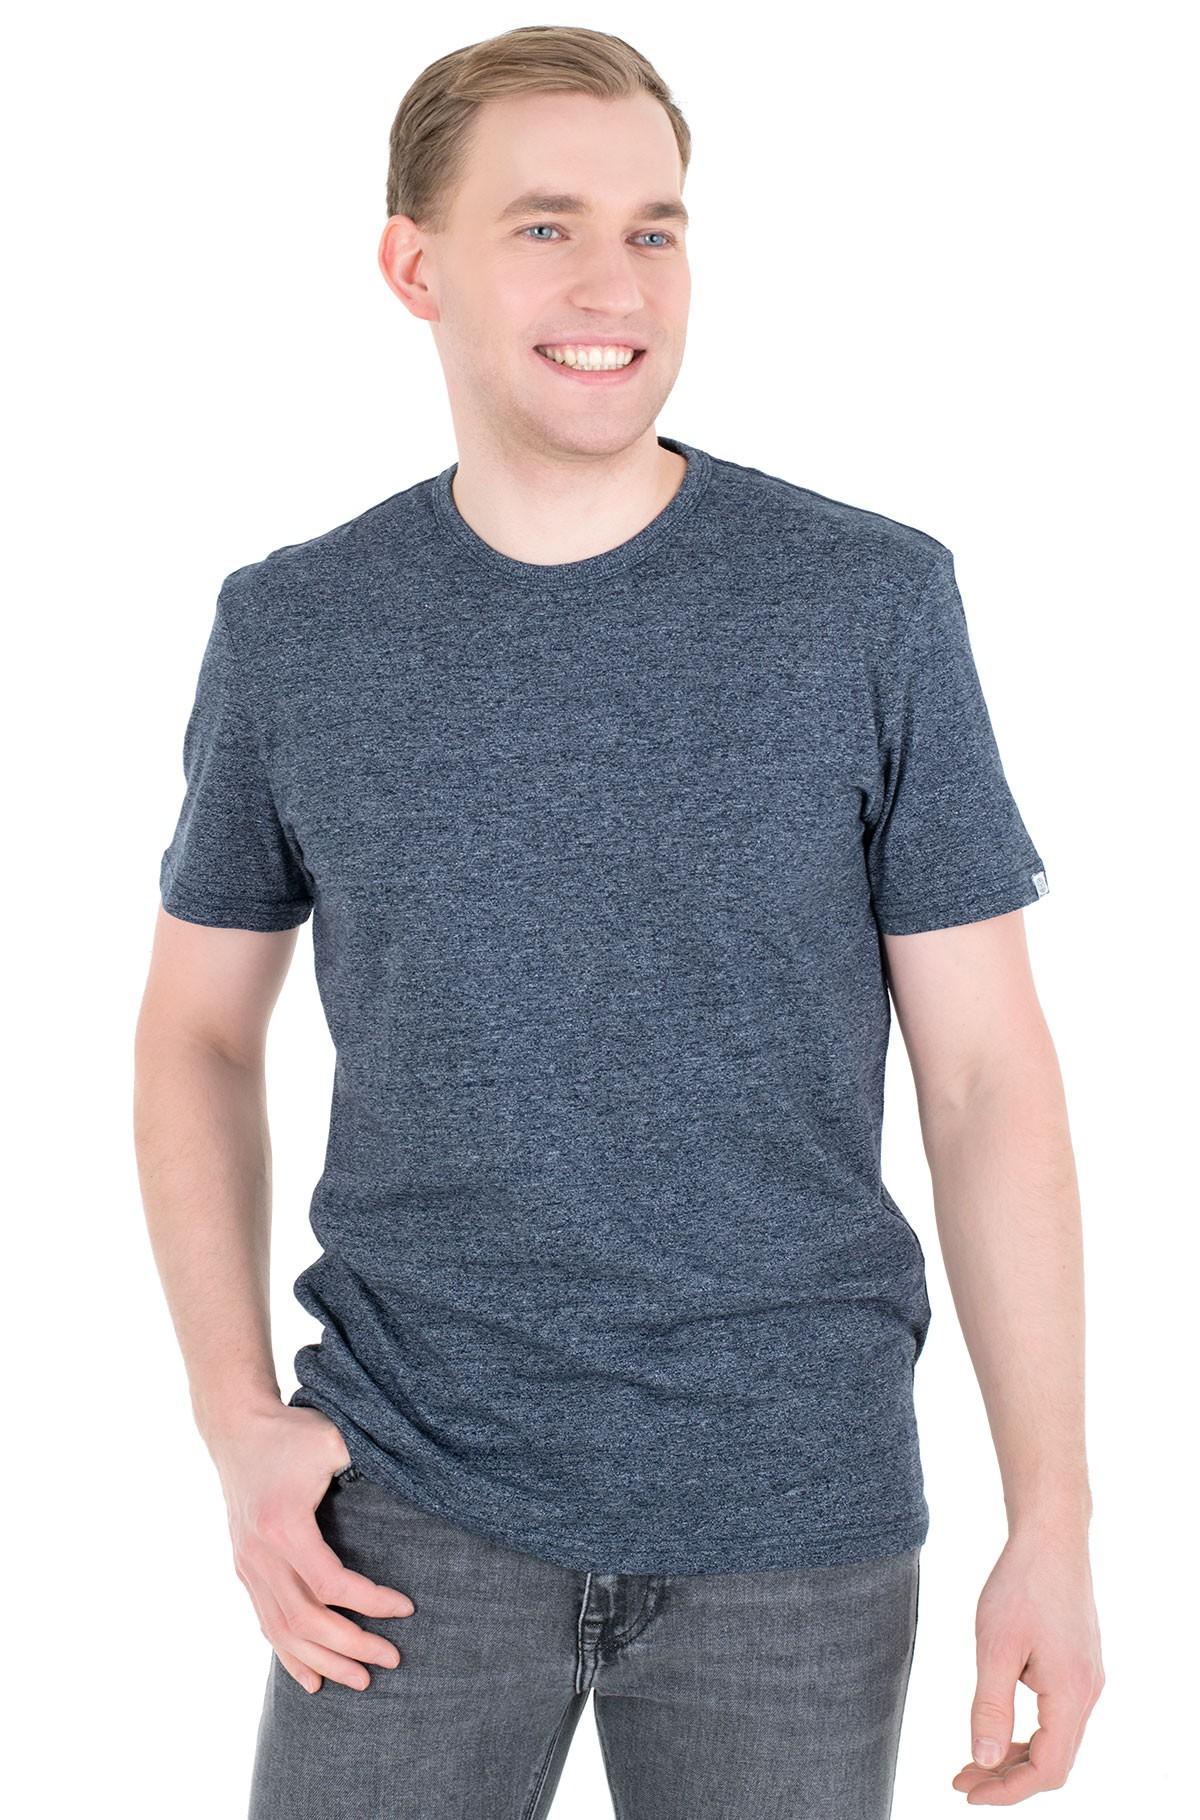 T-shirt 1026226-full-1